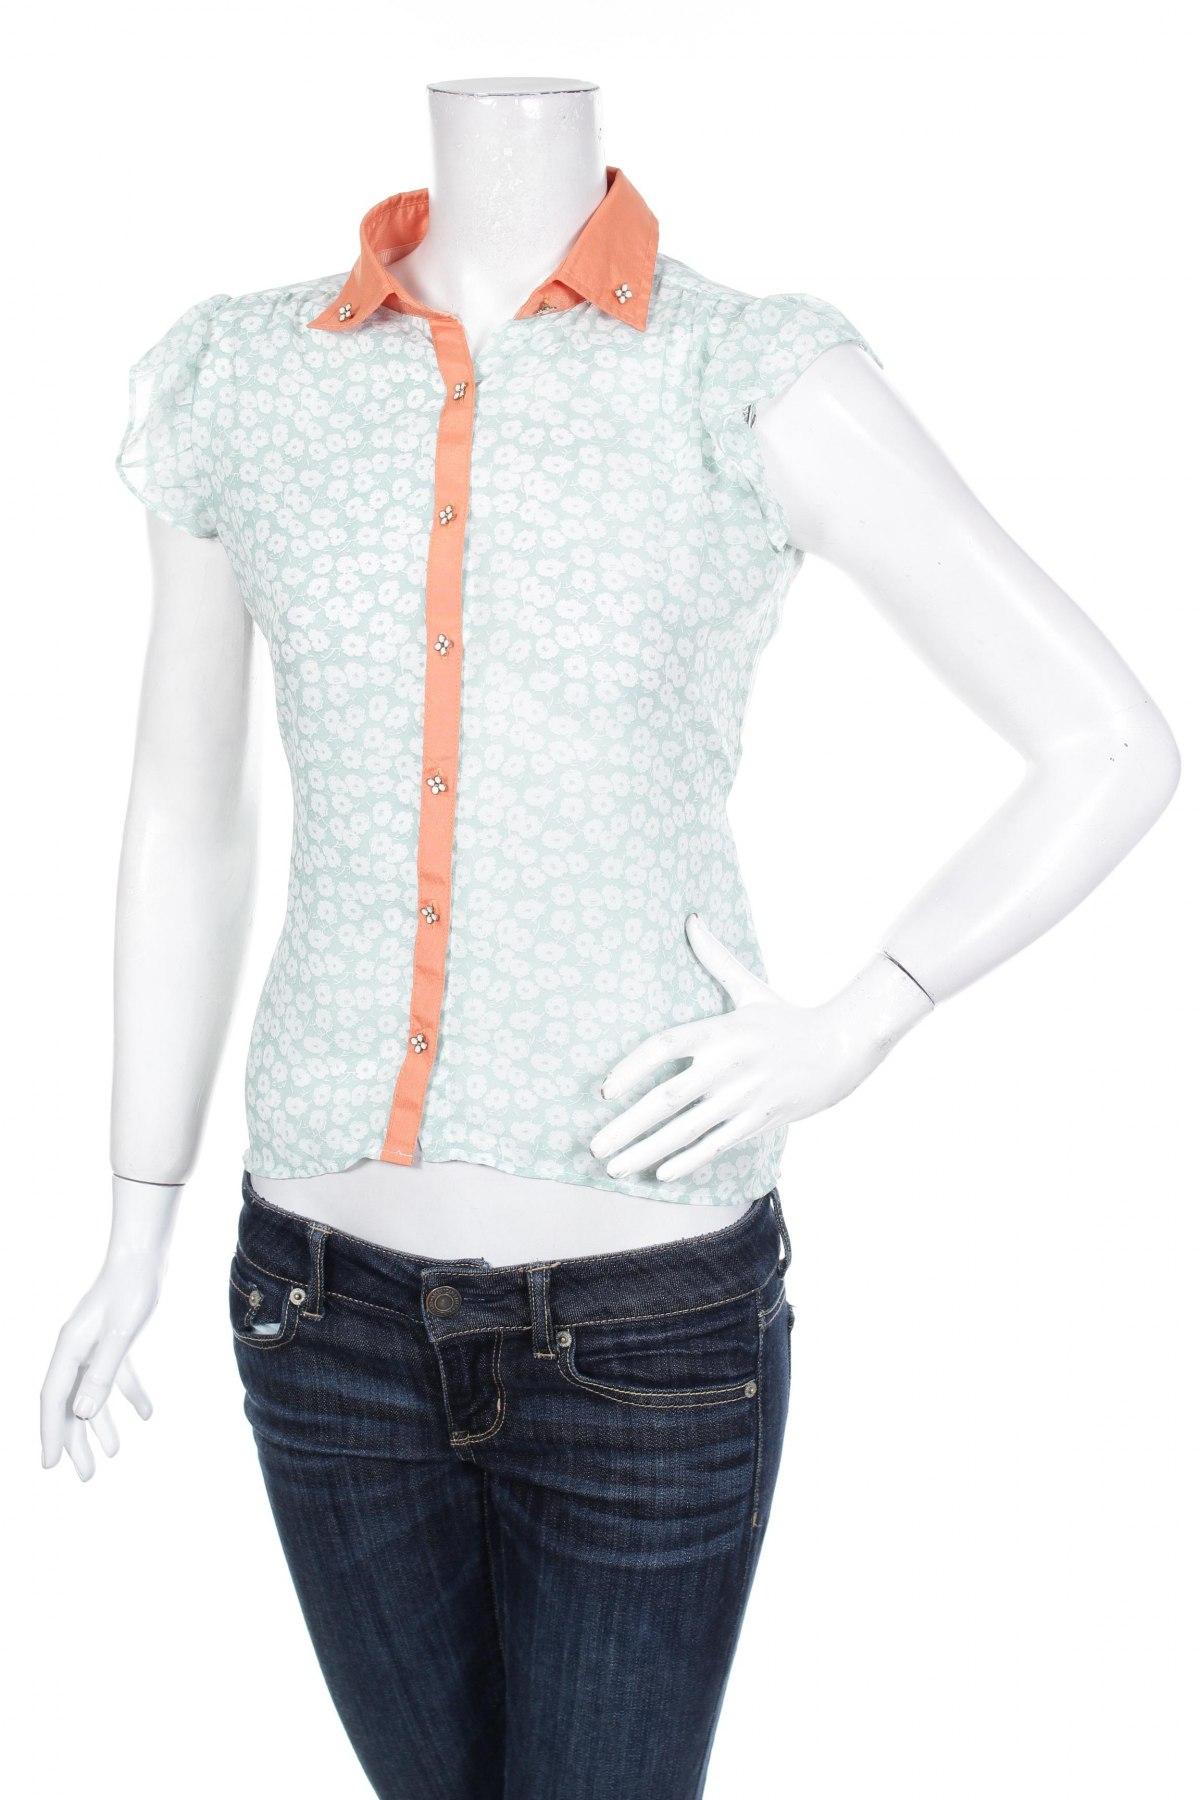 Γυναικείο πουκάμισο Yumi, Μέγεθος S, Χρώμα Μπλέ, Πολυεστέρας, Τιμή 10,82€